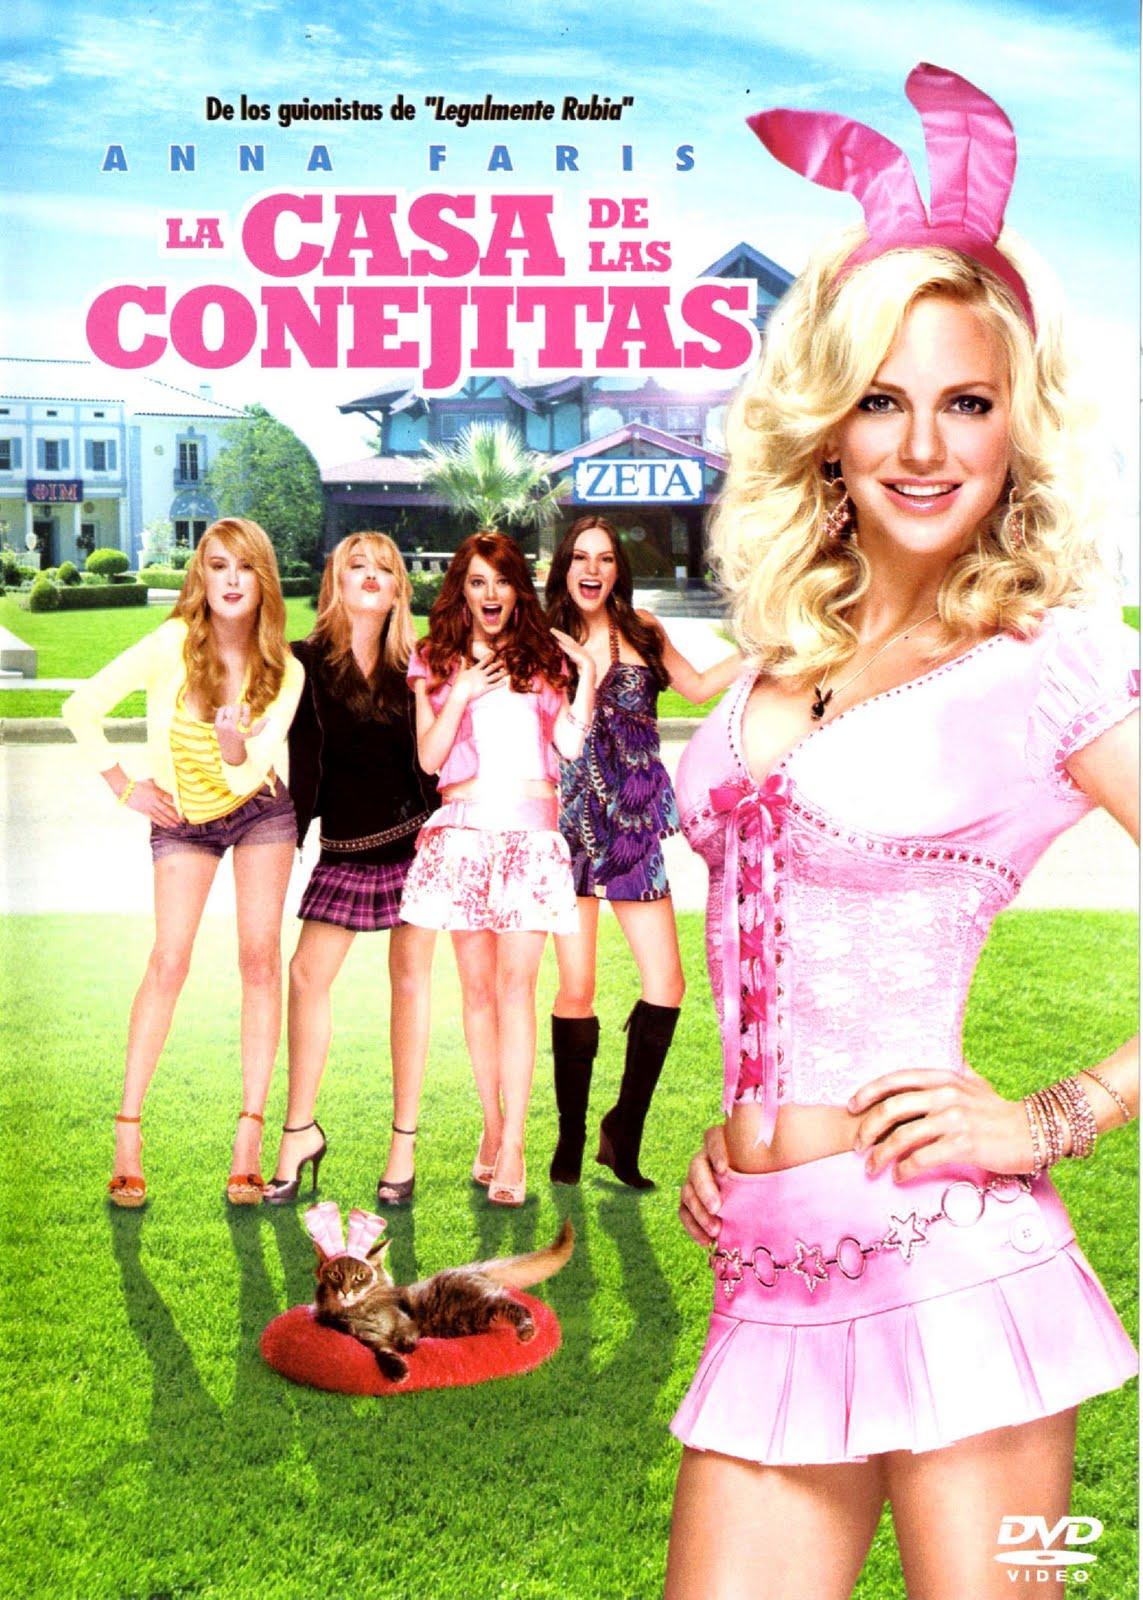 La casa de las conejitas (The House Bunny) (2008)